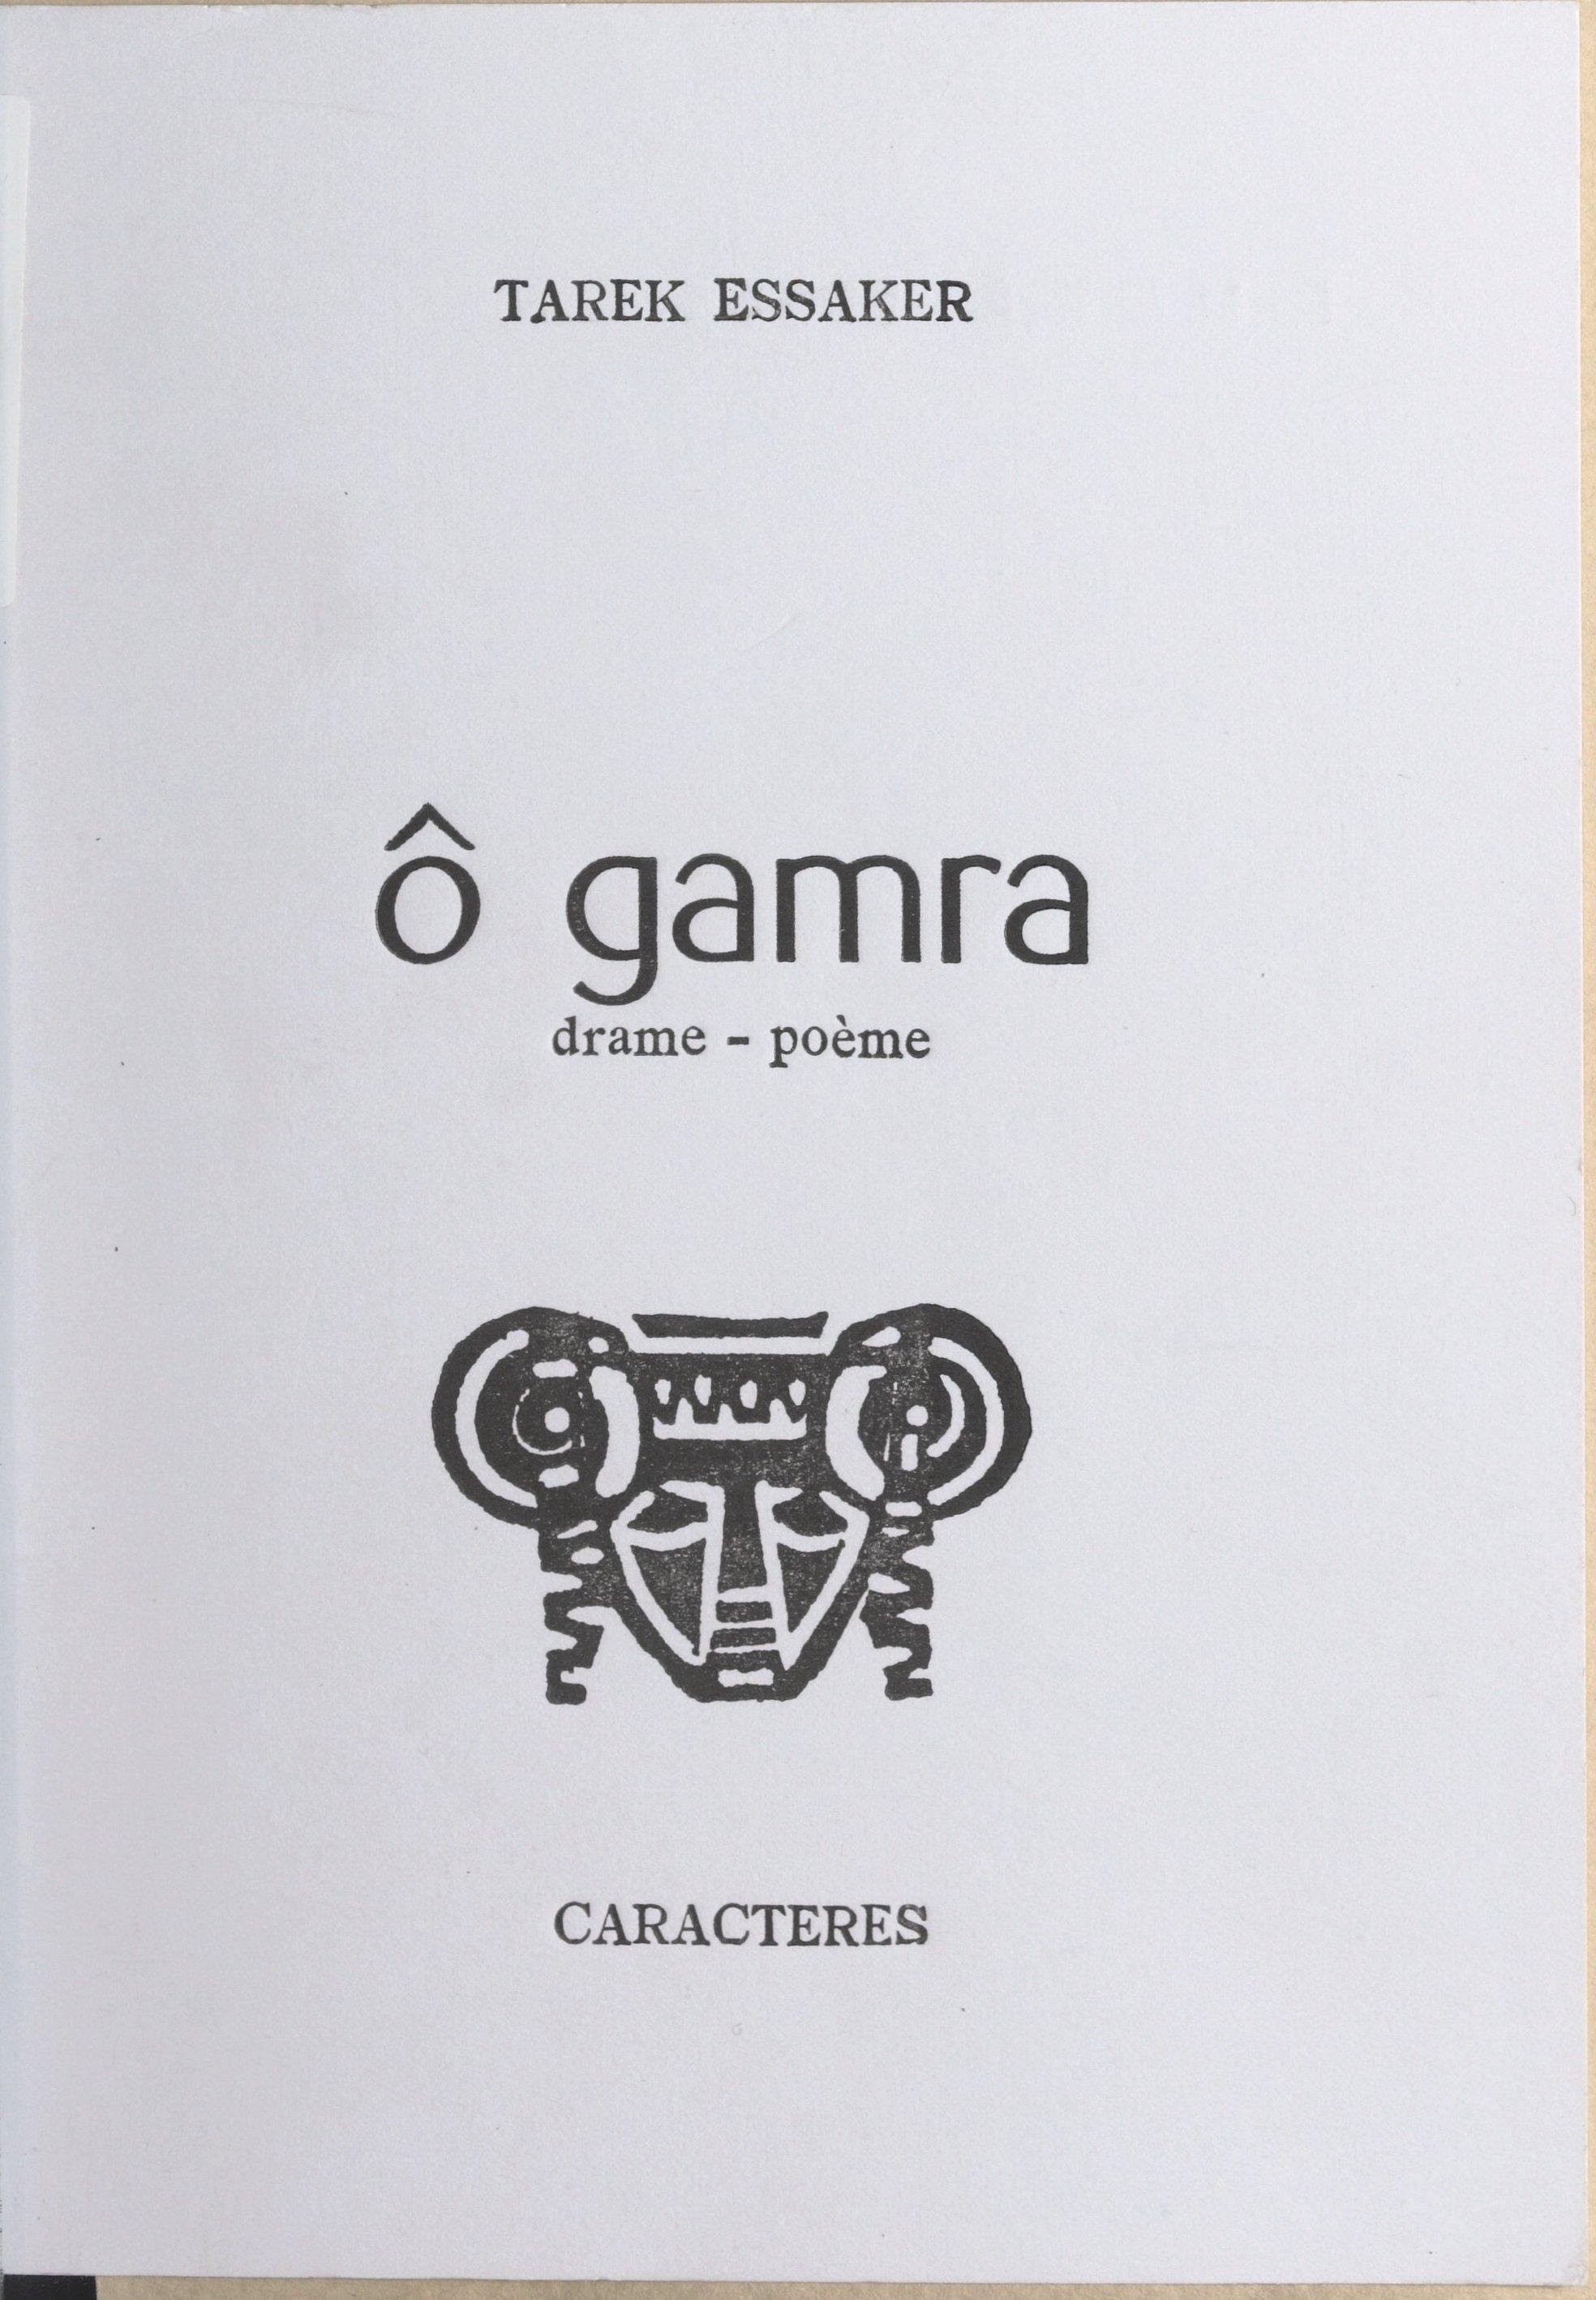 Ô Gamra